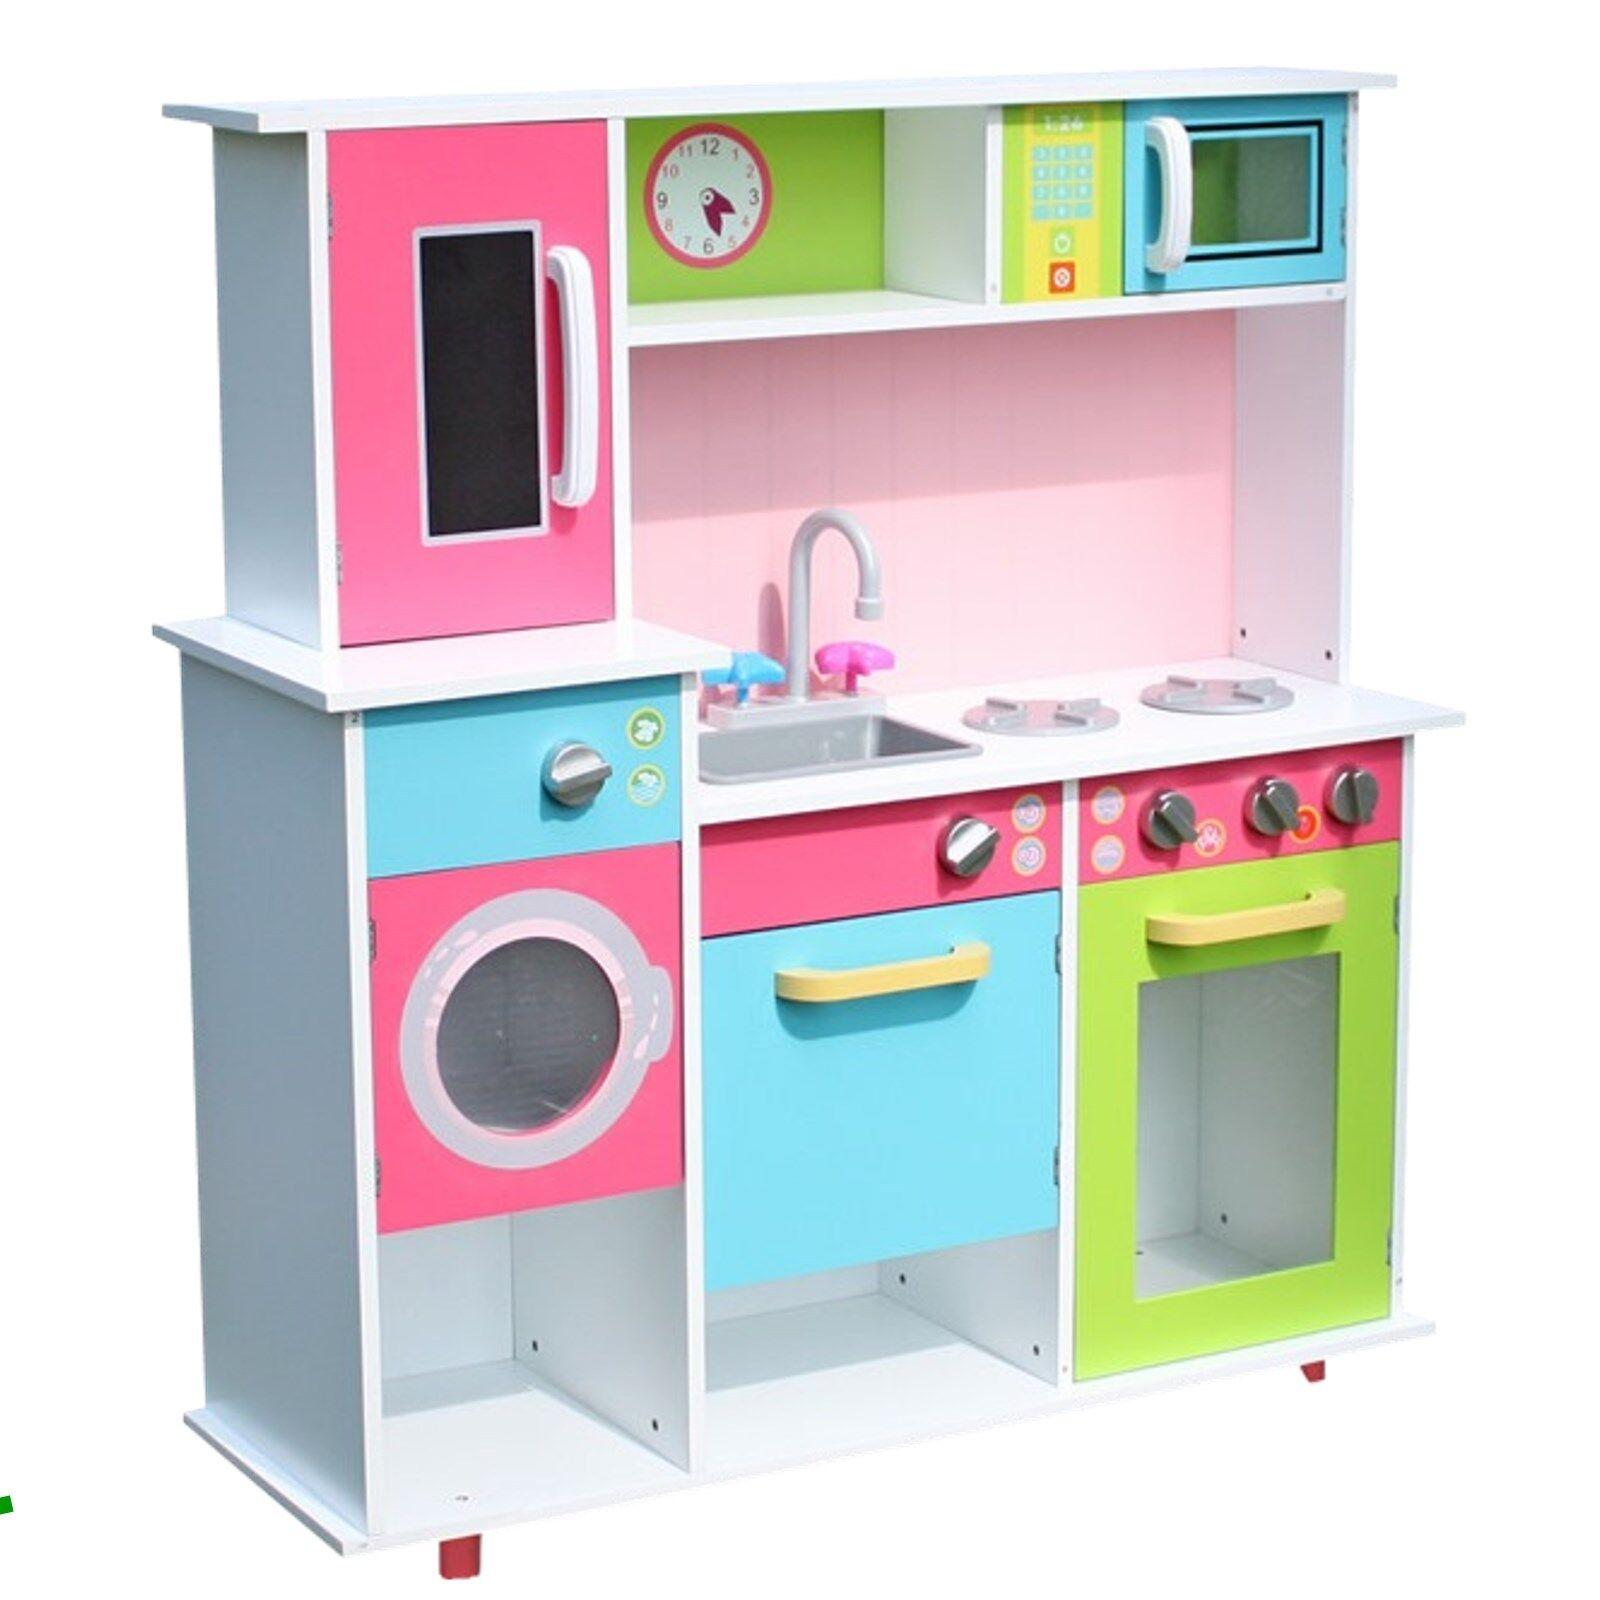 Cucina per Bambini Bianco Colorato Gioco Legno Giocattolo in Microonde Focolare